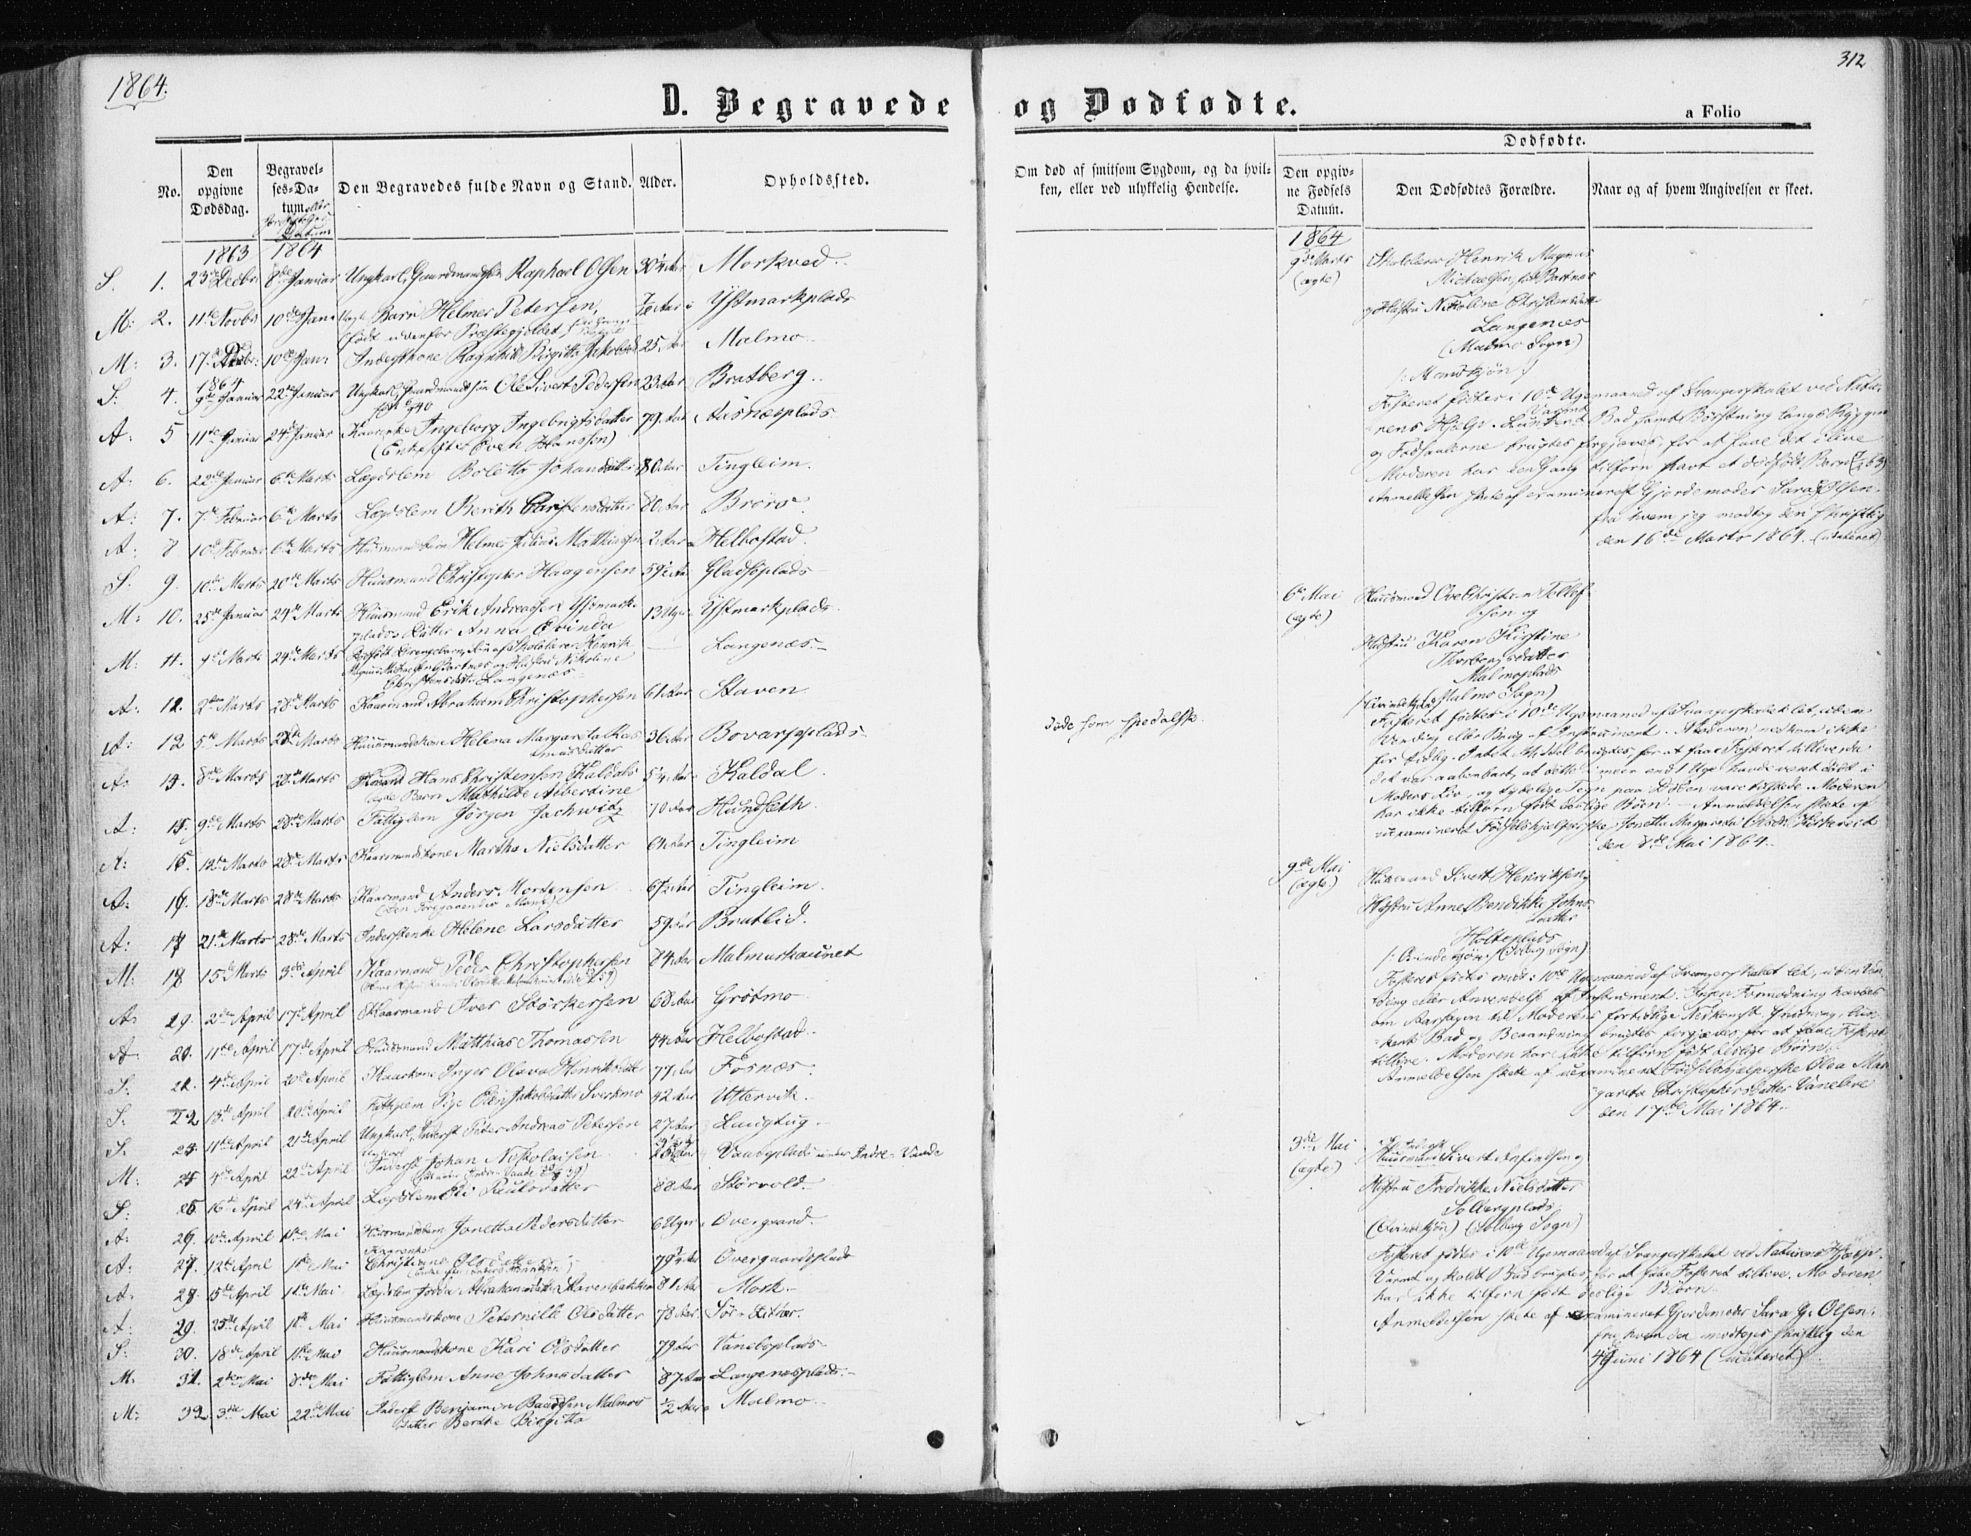 SAT, Ministerialprotokoller, klokkerbøker og fødselsregistre - Nord-Trøndelag, 741/L0394: Ministerialbok nr. 741A08, 1864-1877, s. 312